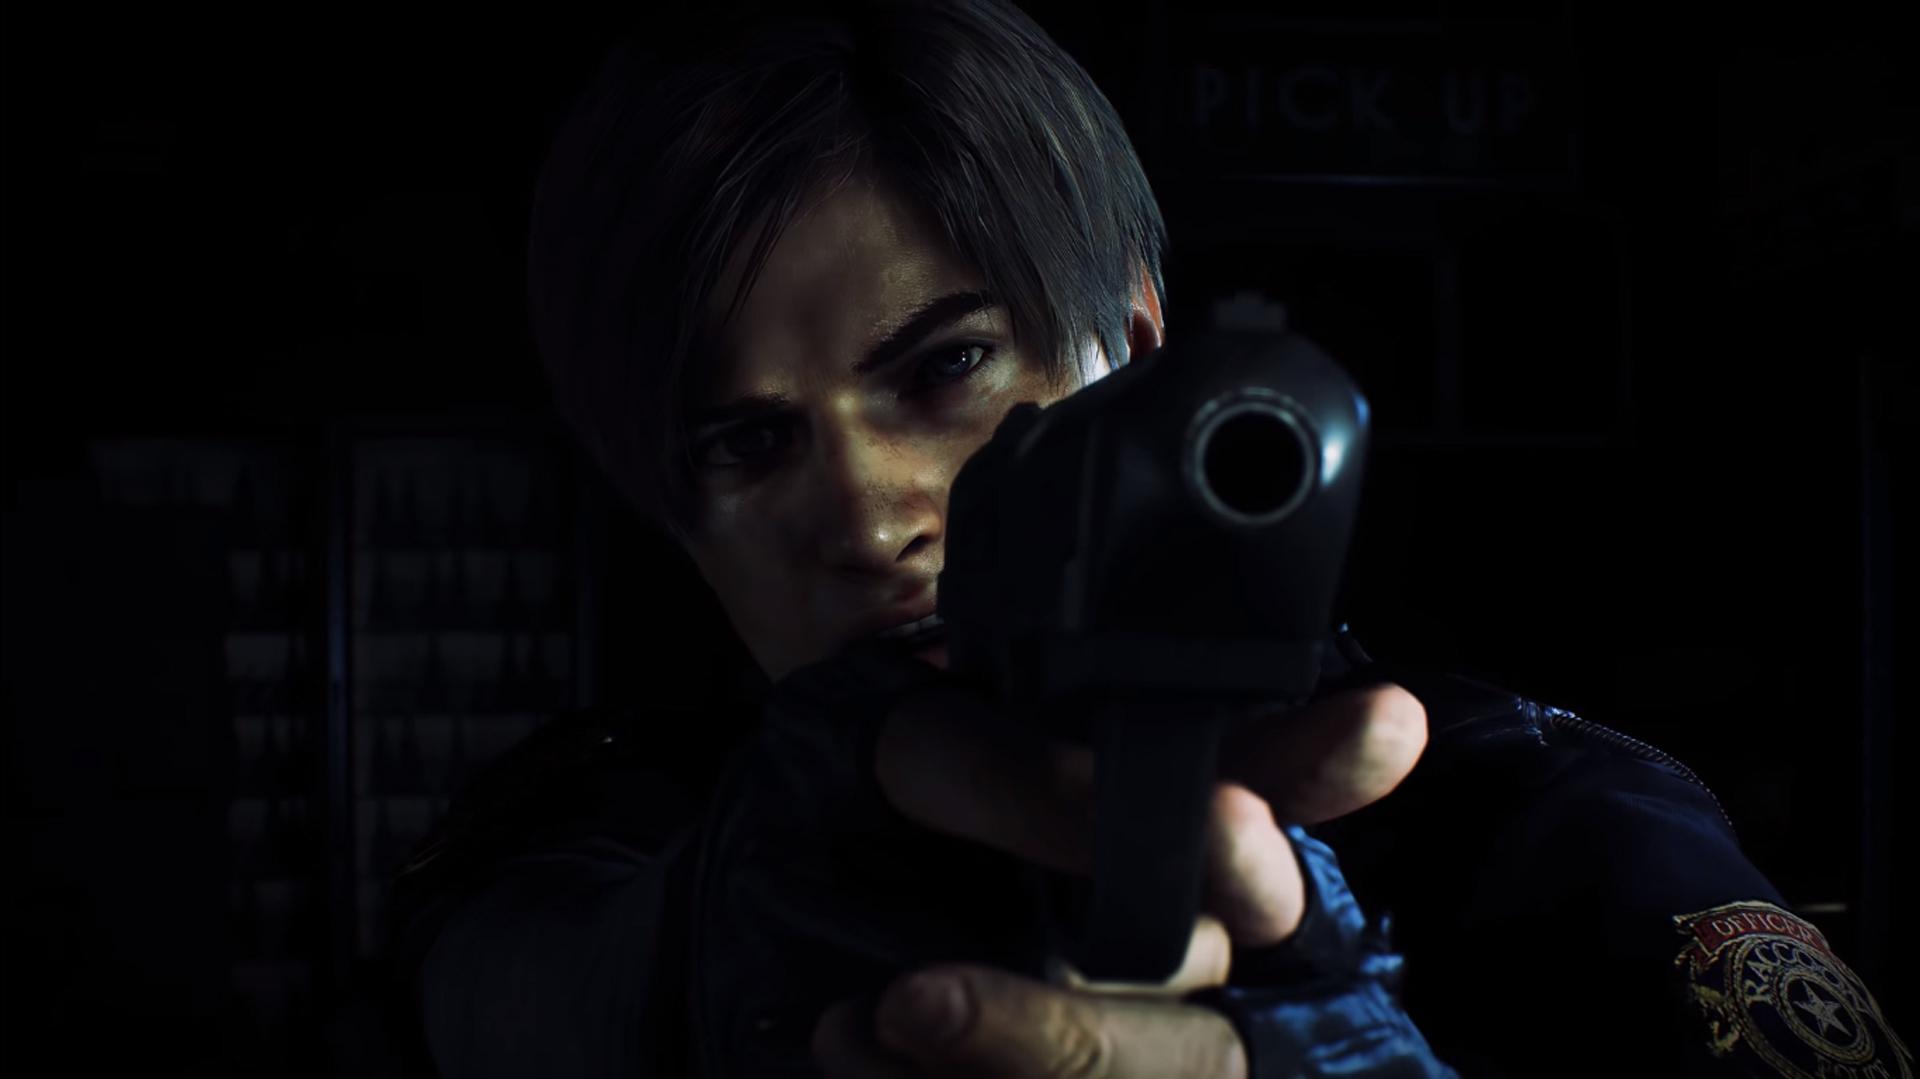 Giocare a Resident Evil 2 in prima persona? Si può!